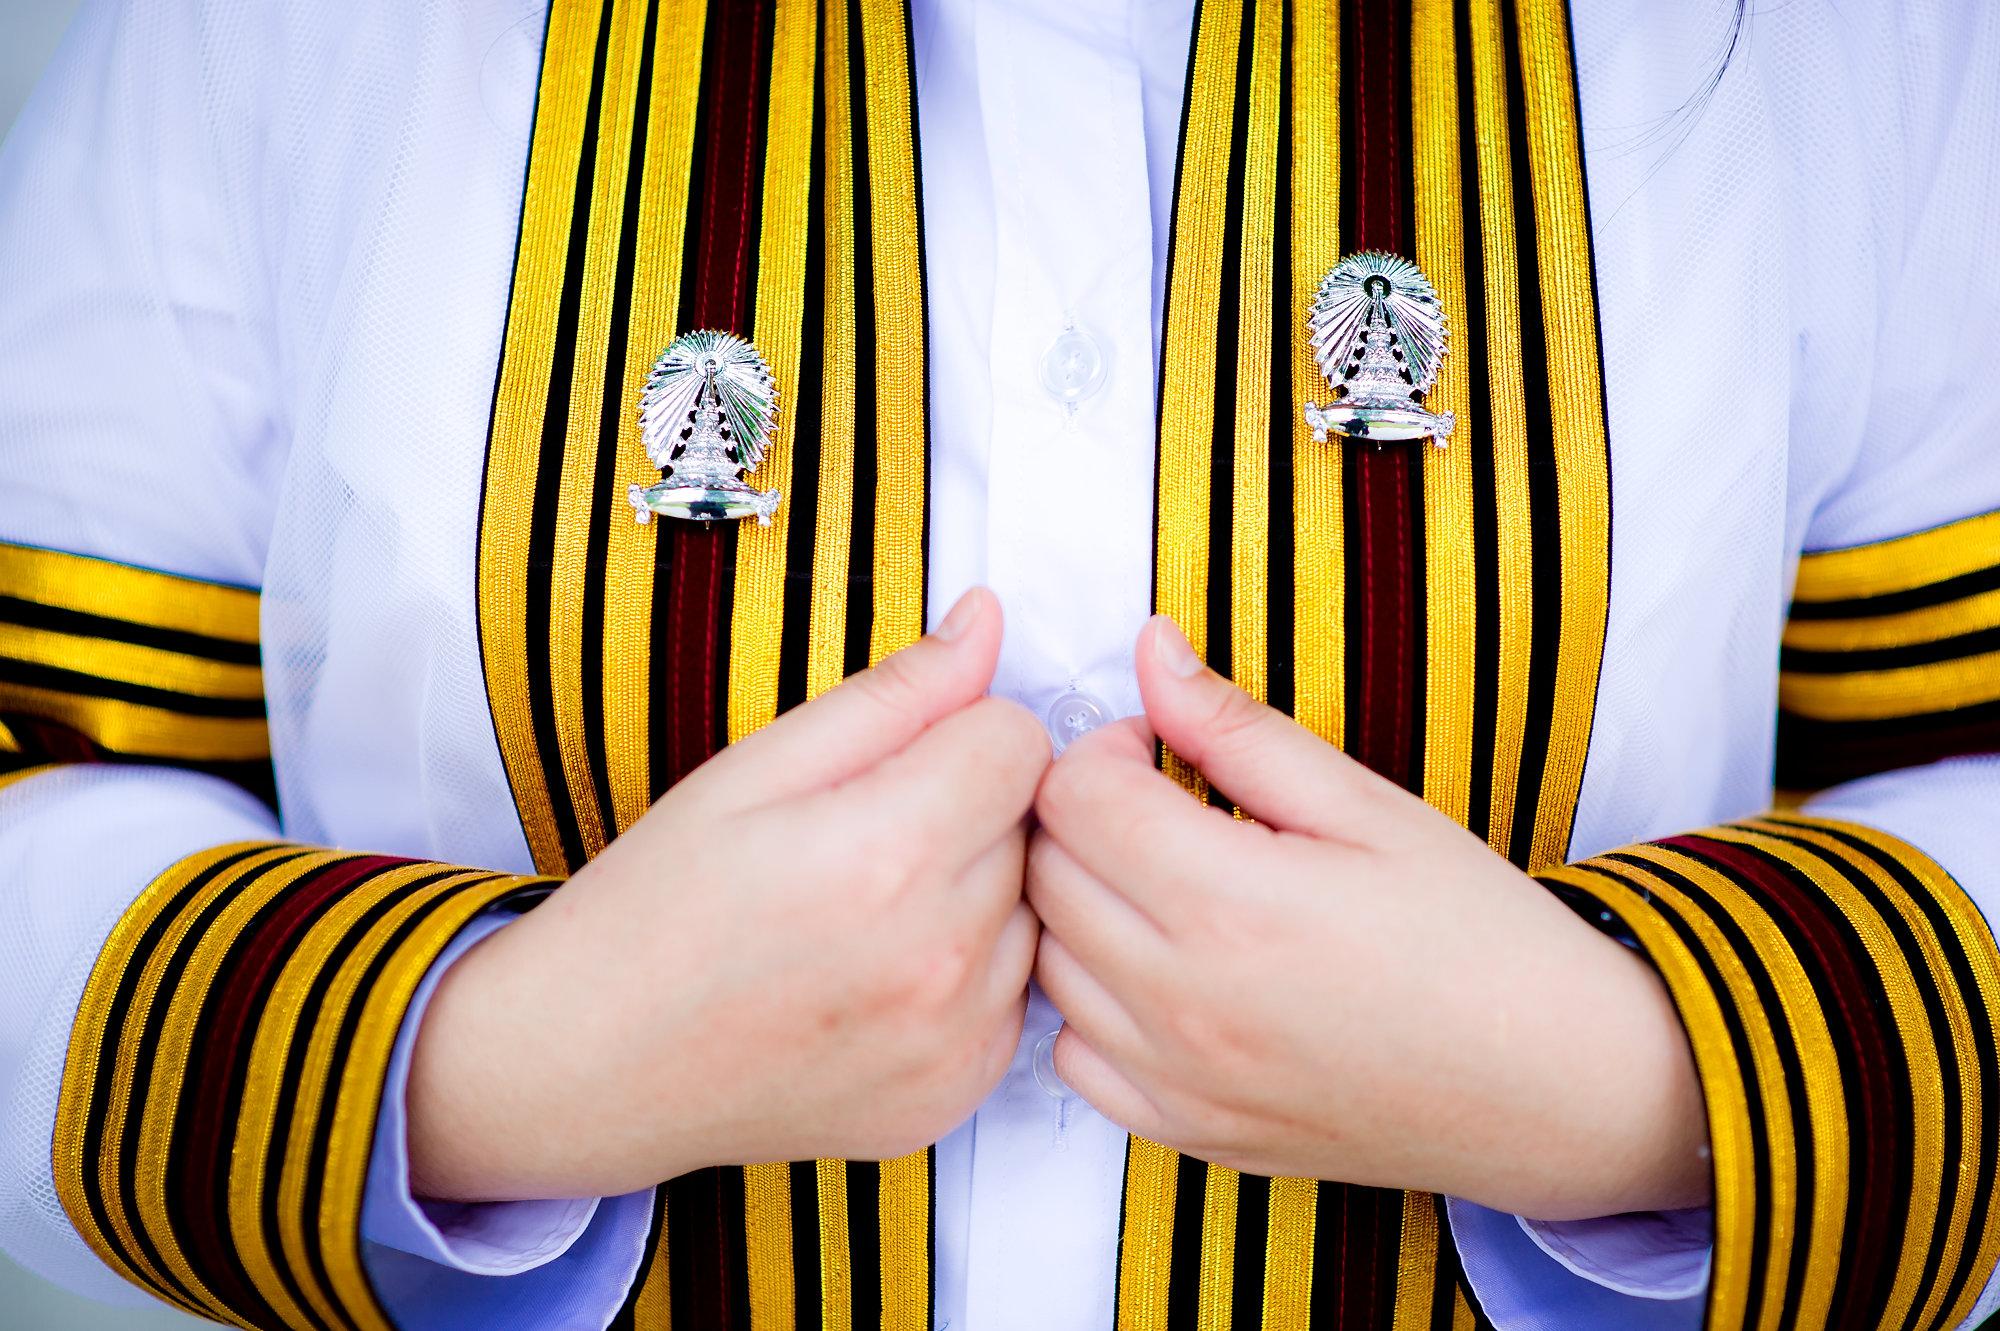 ภาพรับปริญญาวันซ้อมที่จุฬาลงกรณ์มหาวิทยาลัย | Neoy's Commencement Rehearsal Day at Chulalongkorn University - 47